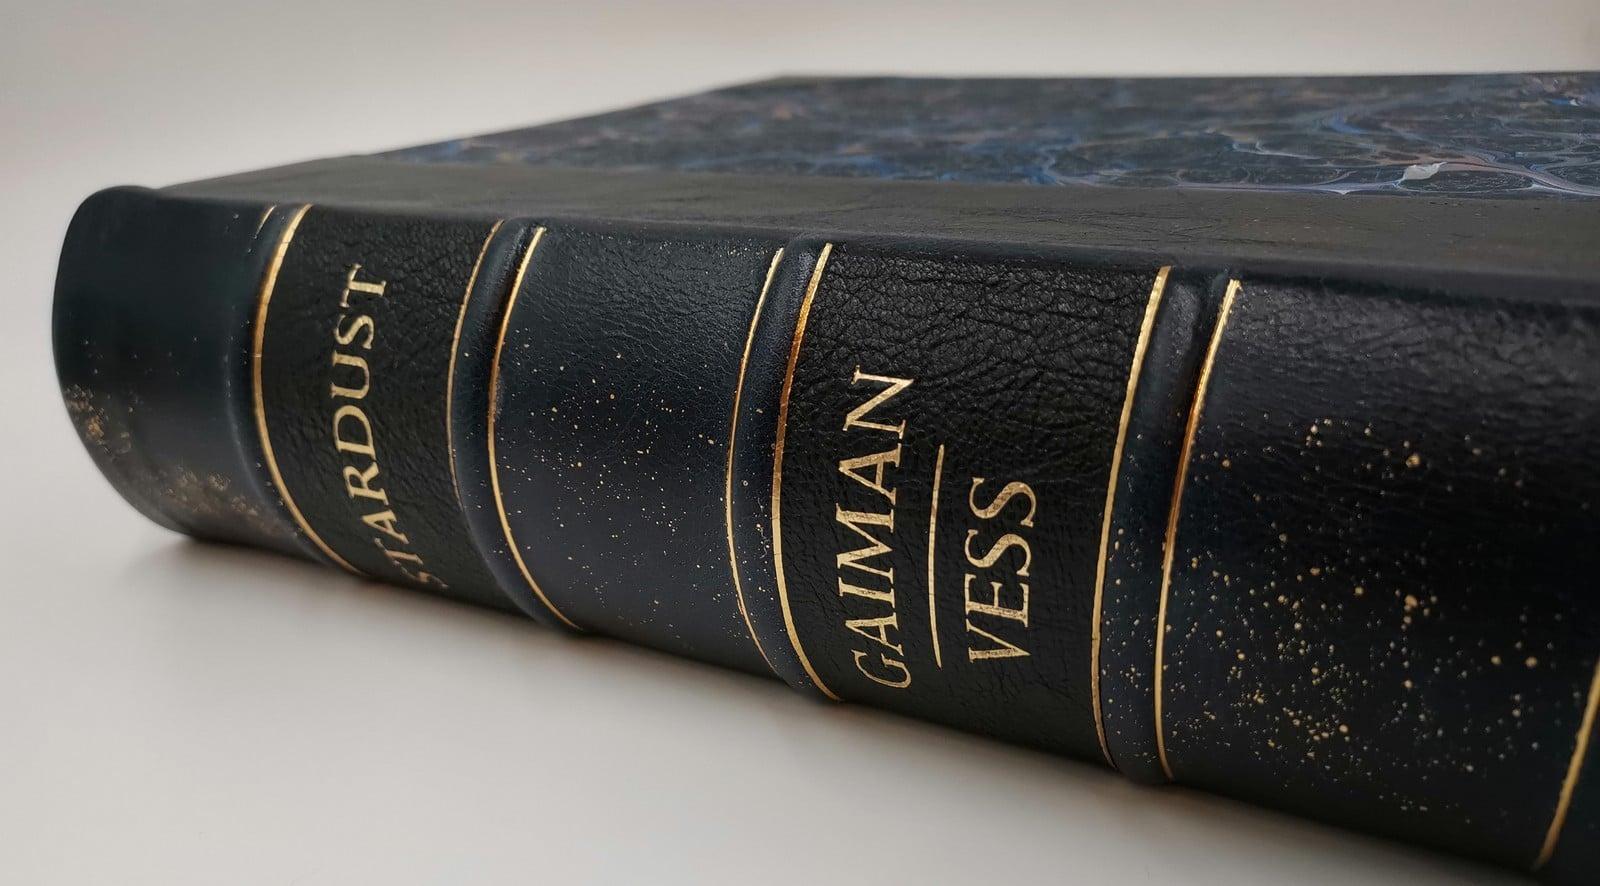 Stardust Neilgaiman Lettered Lyrasbooks7